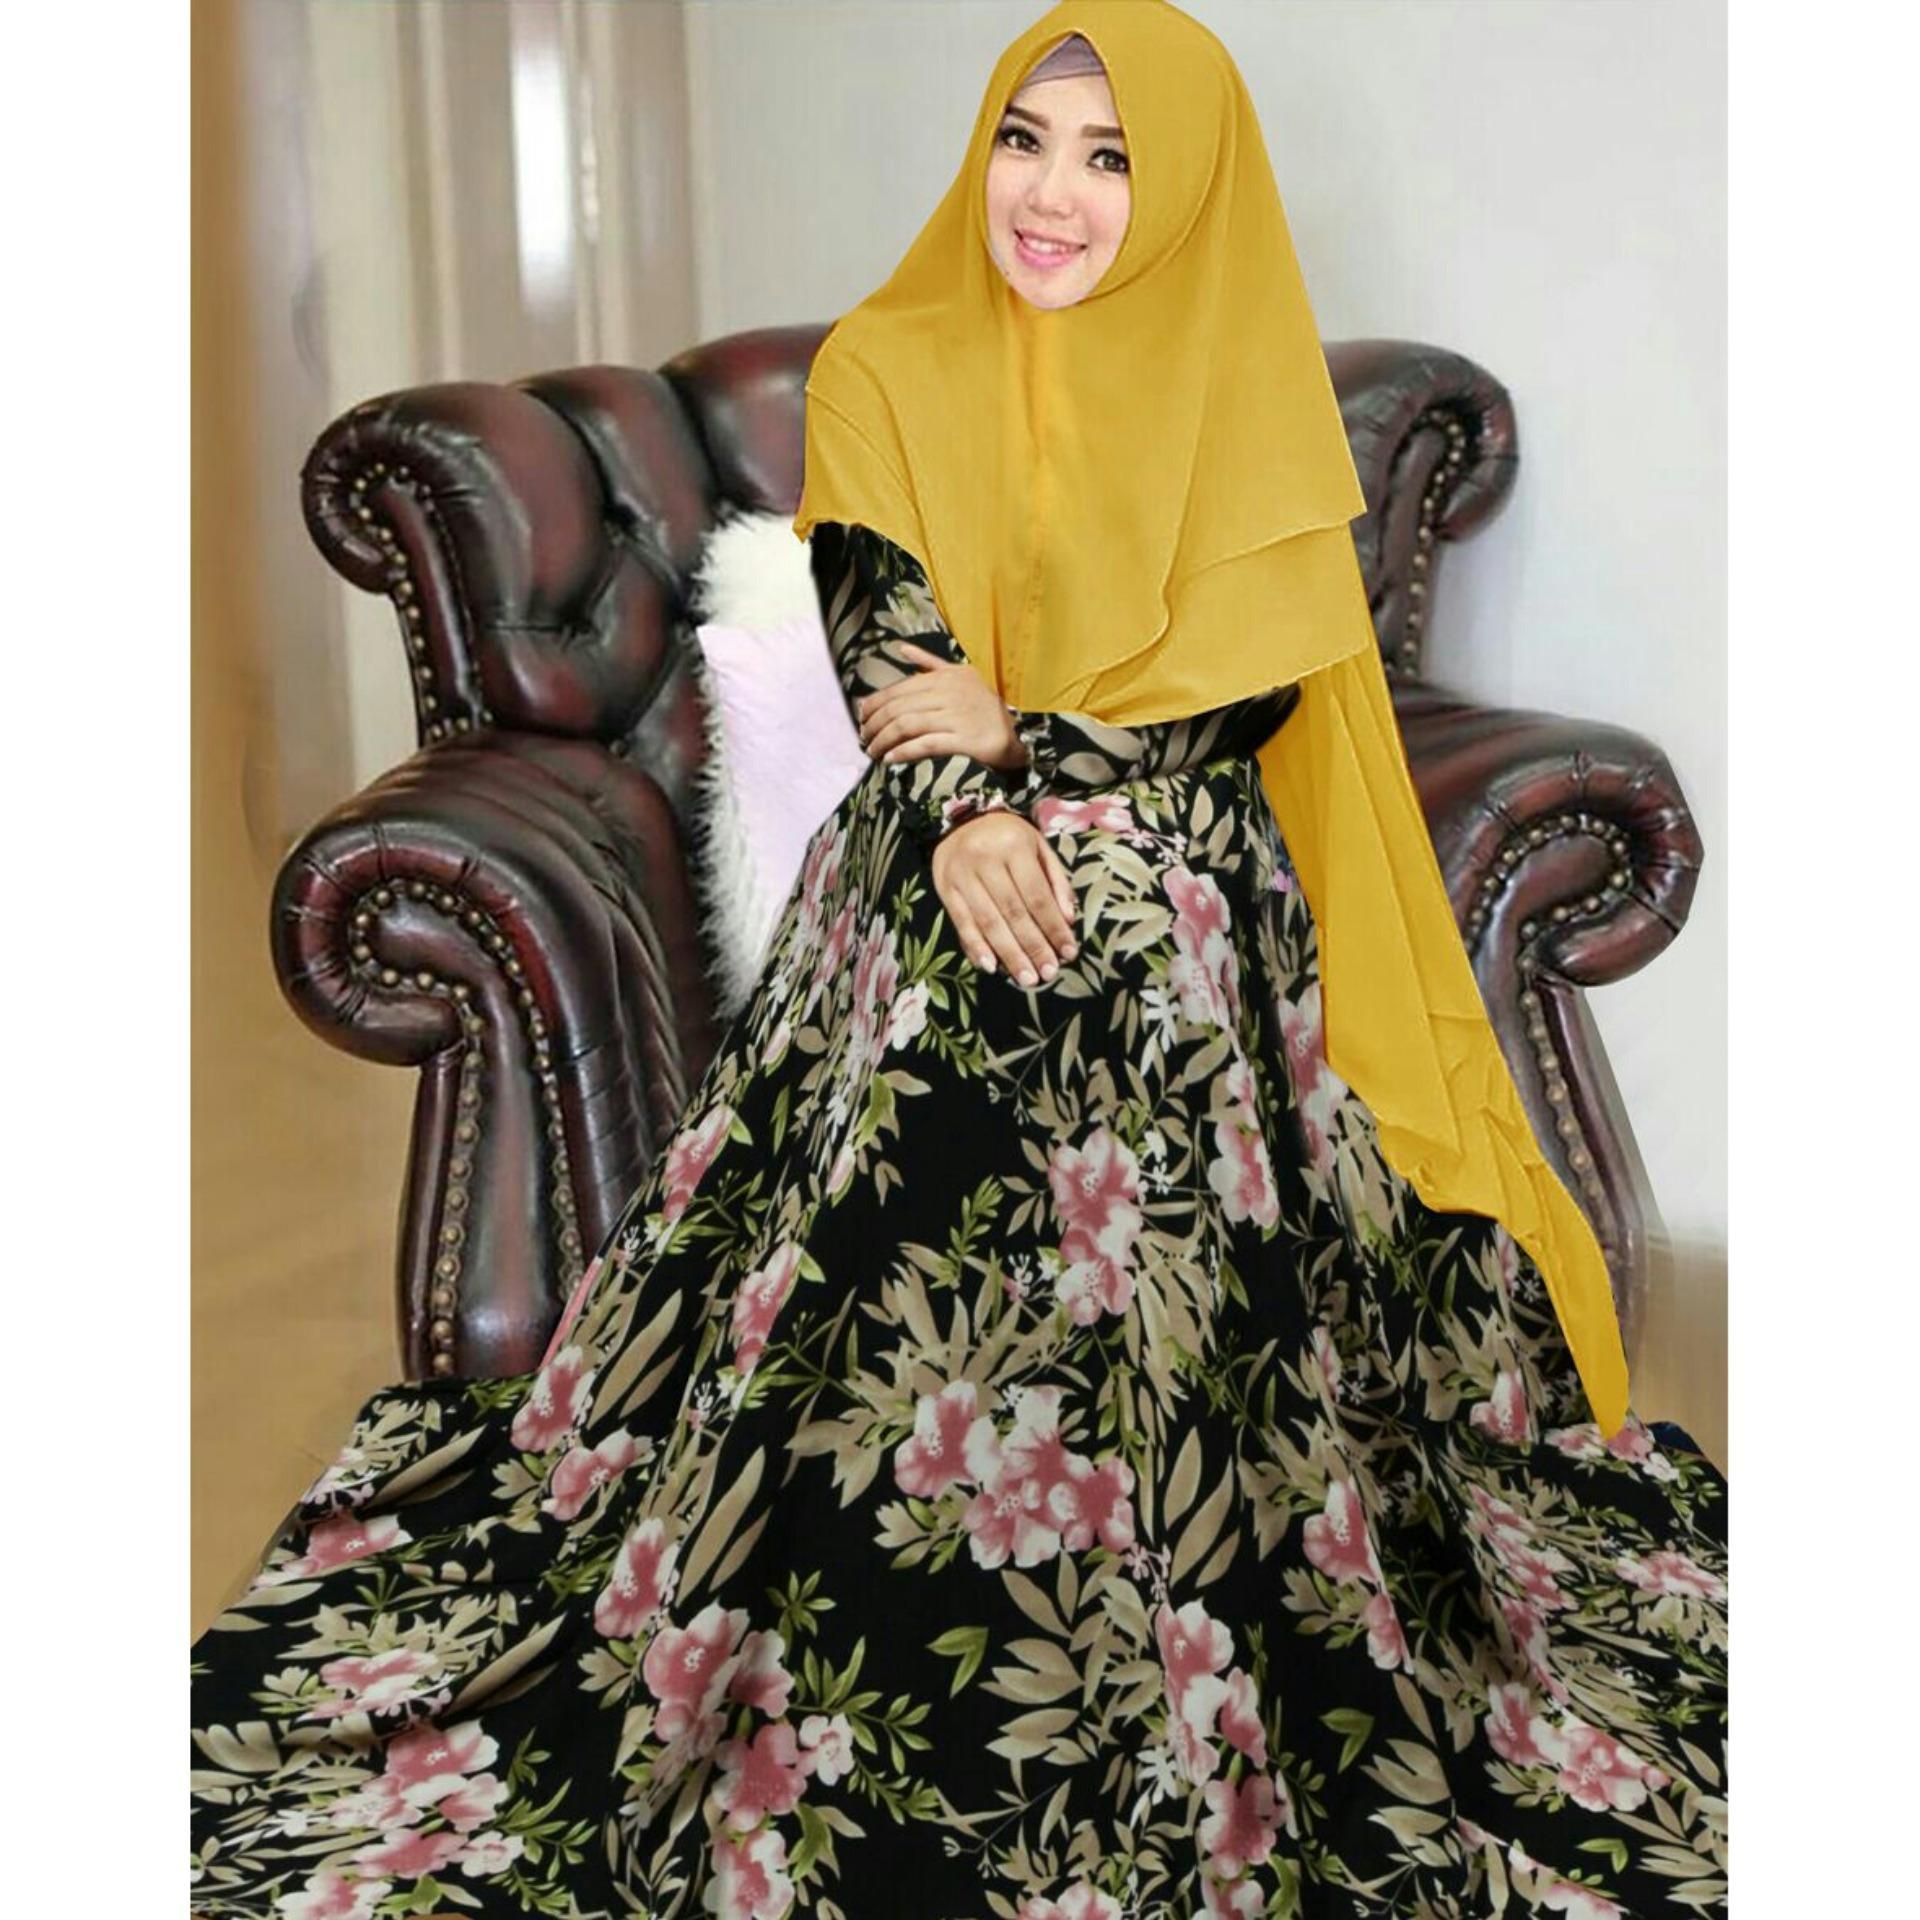 Jual Beli F Fashion Maxi Syari Hijab Bergo Narcisus Dress Muslimah Busana Muslim Wanita Gamis Baju Amorshop A0057 Pakaian Dan 098